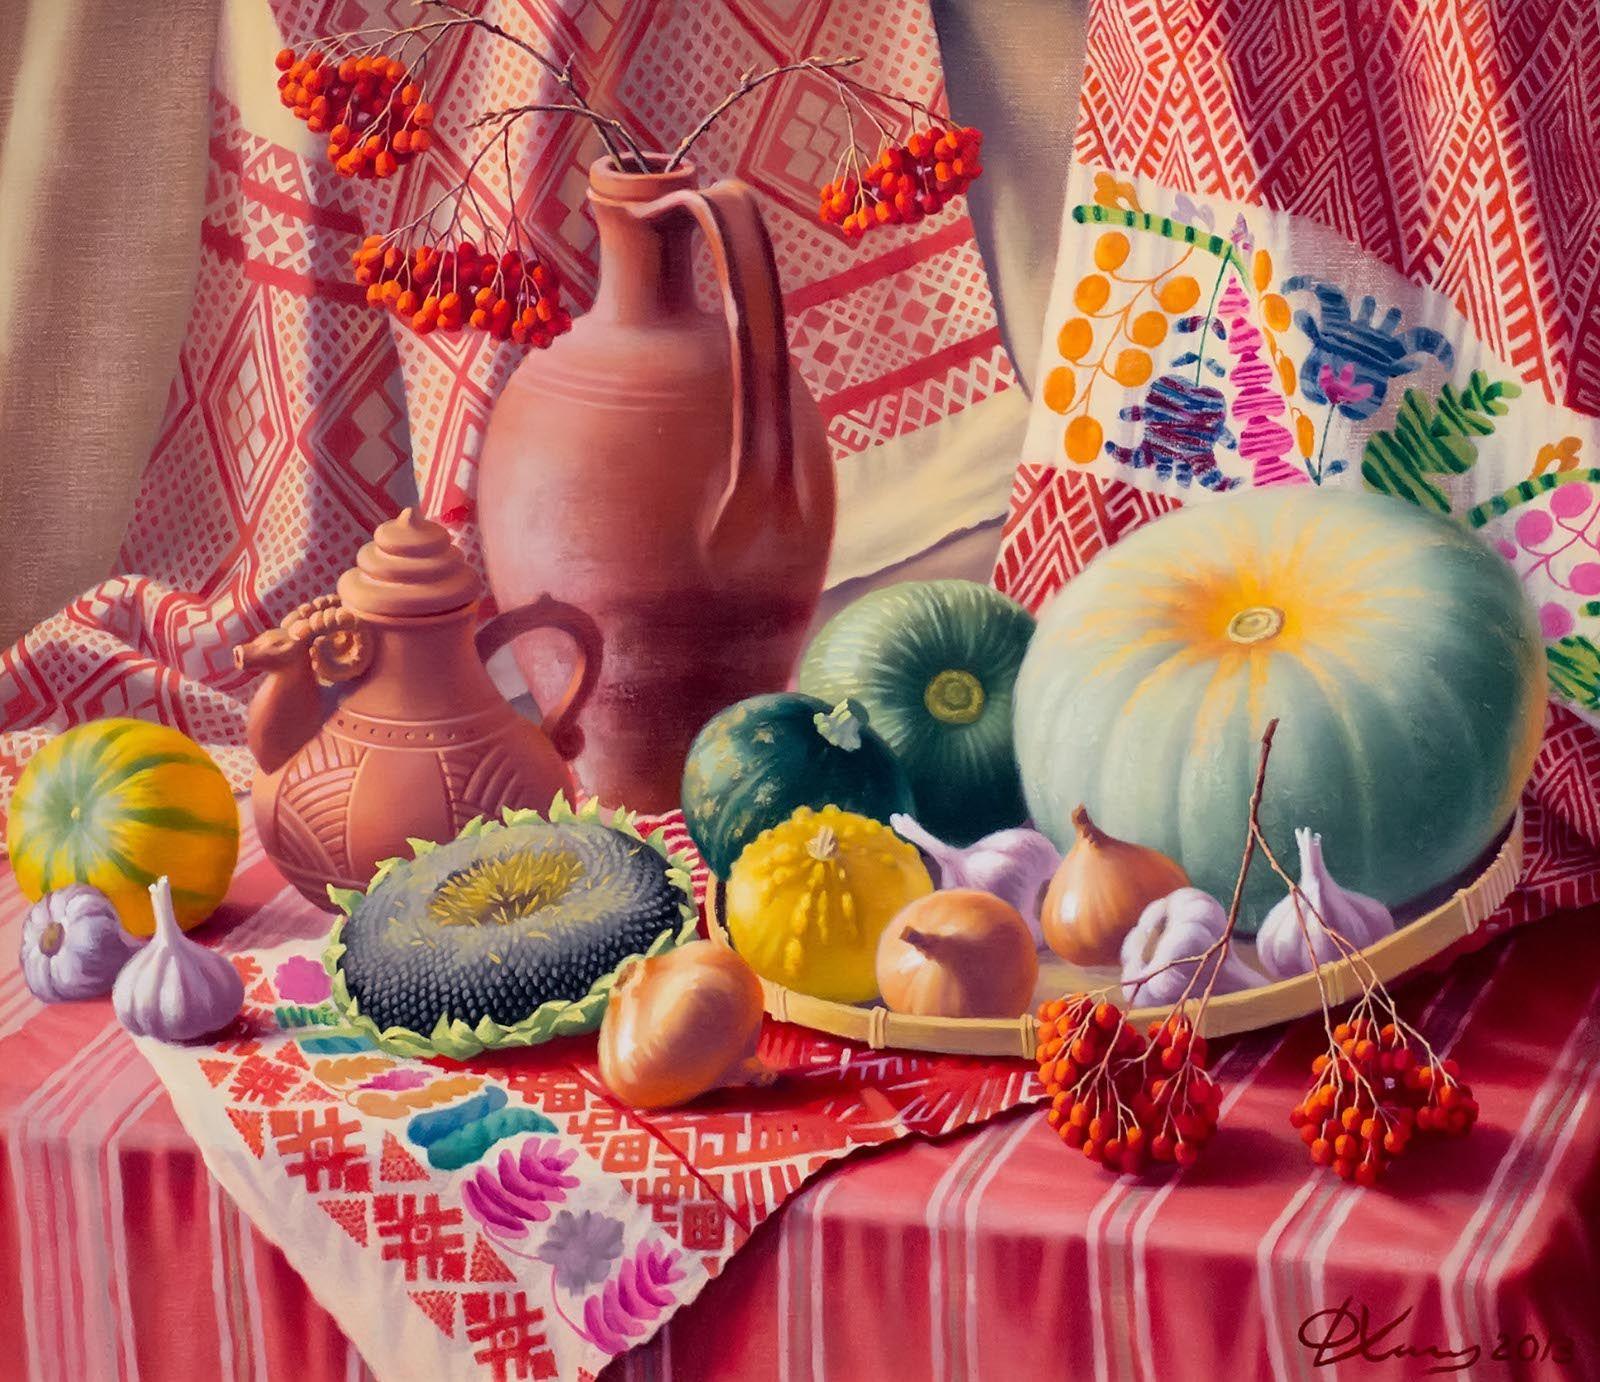 Картинки по запросу декоративный натюрморт дипломная работа  Картинки по запросу декоративный натюрморт дипломная работа